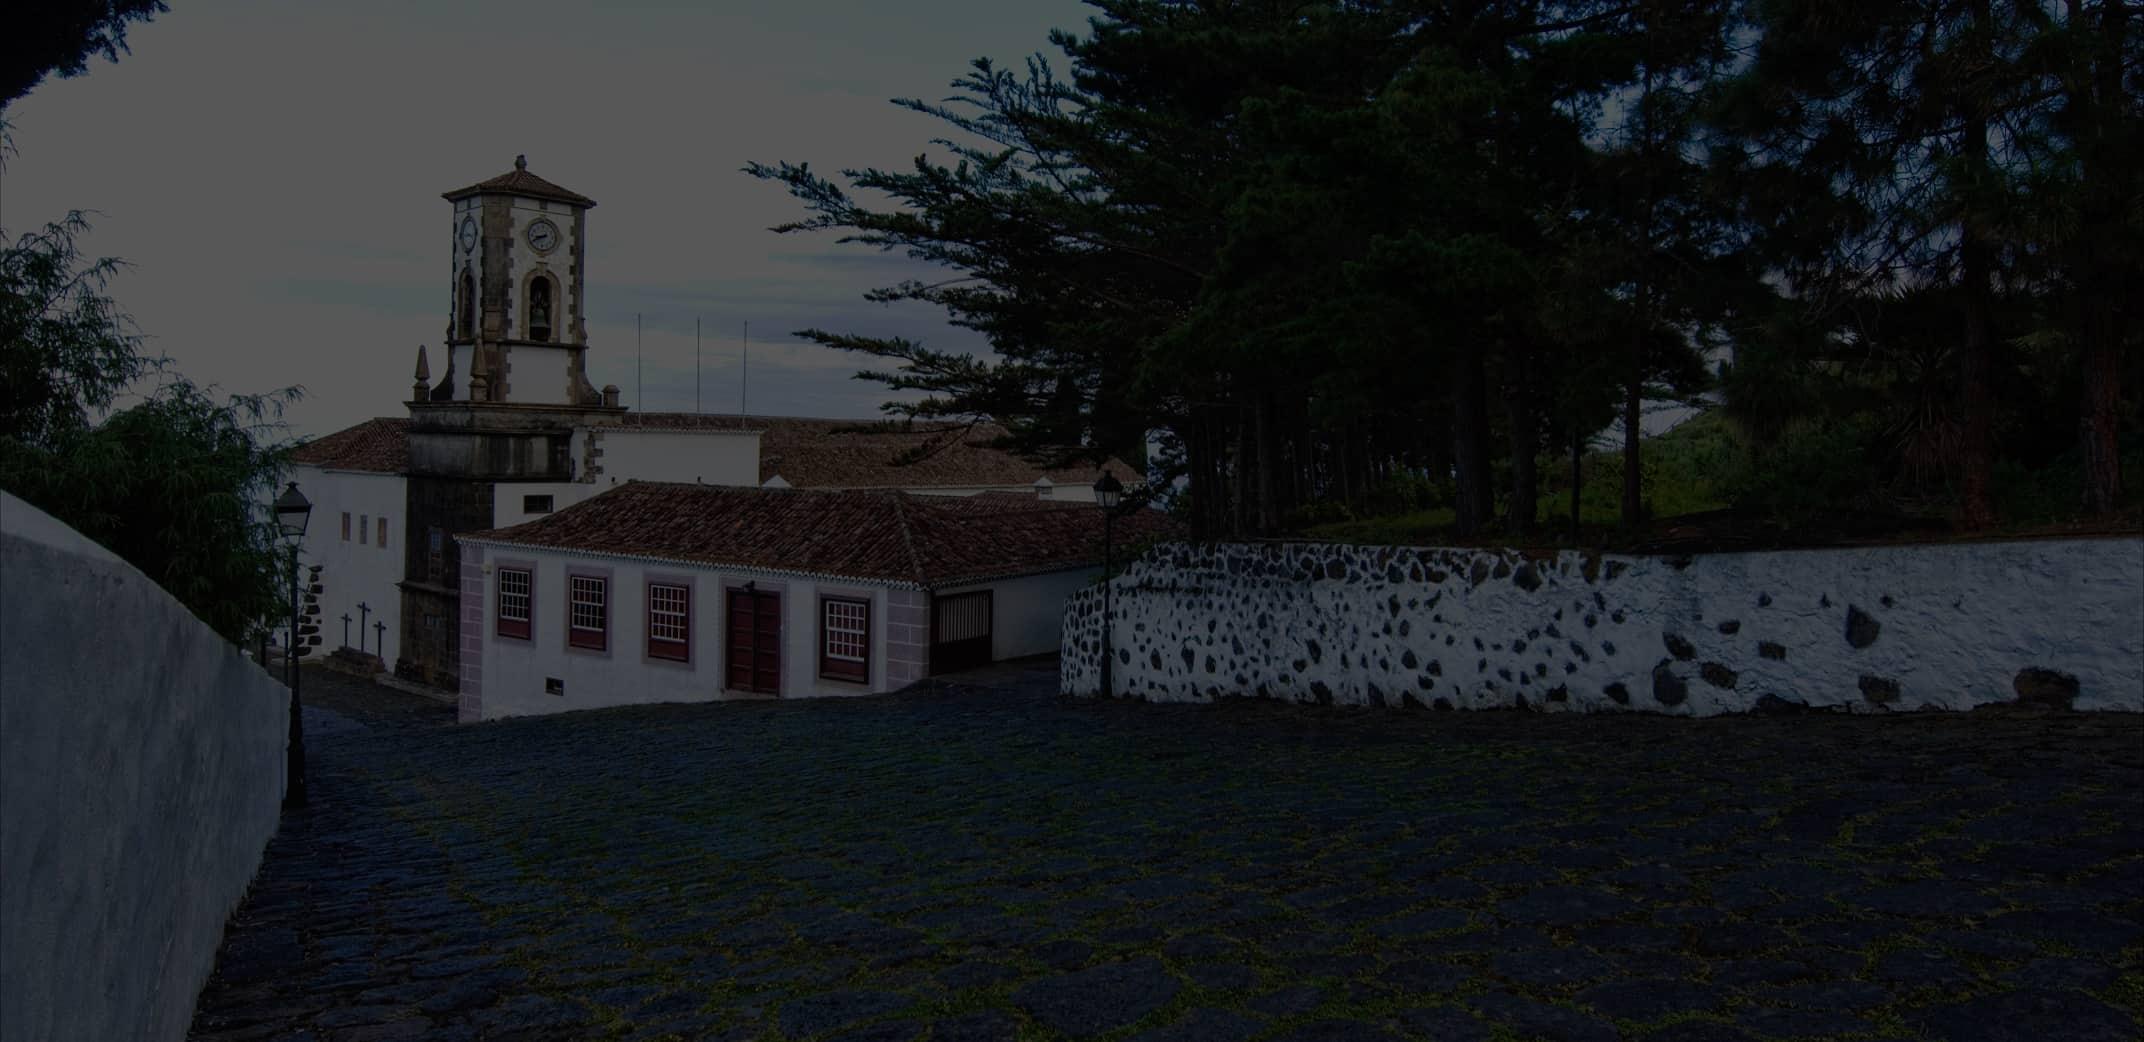 Villa de Mazo y Santa Cruz de La Palma, municipios anfitriones de la I Clásica Taburiente